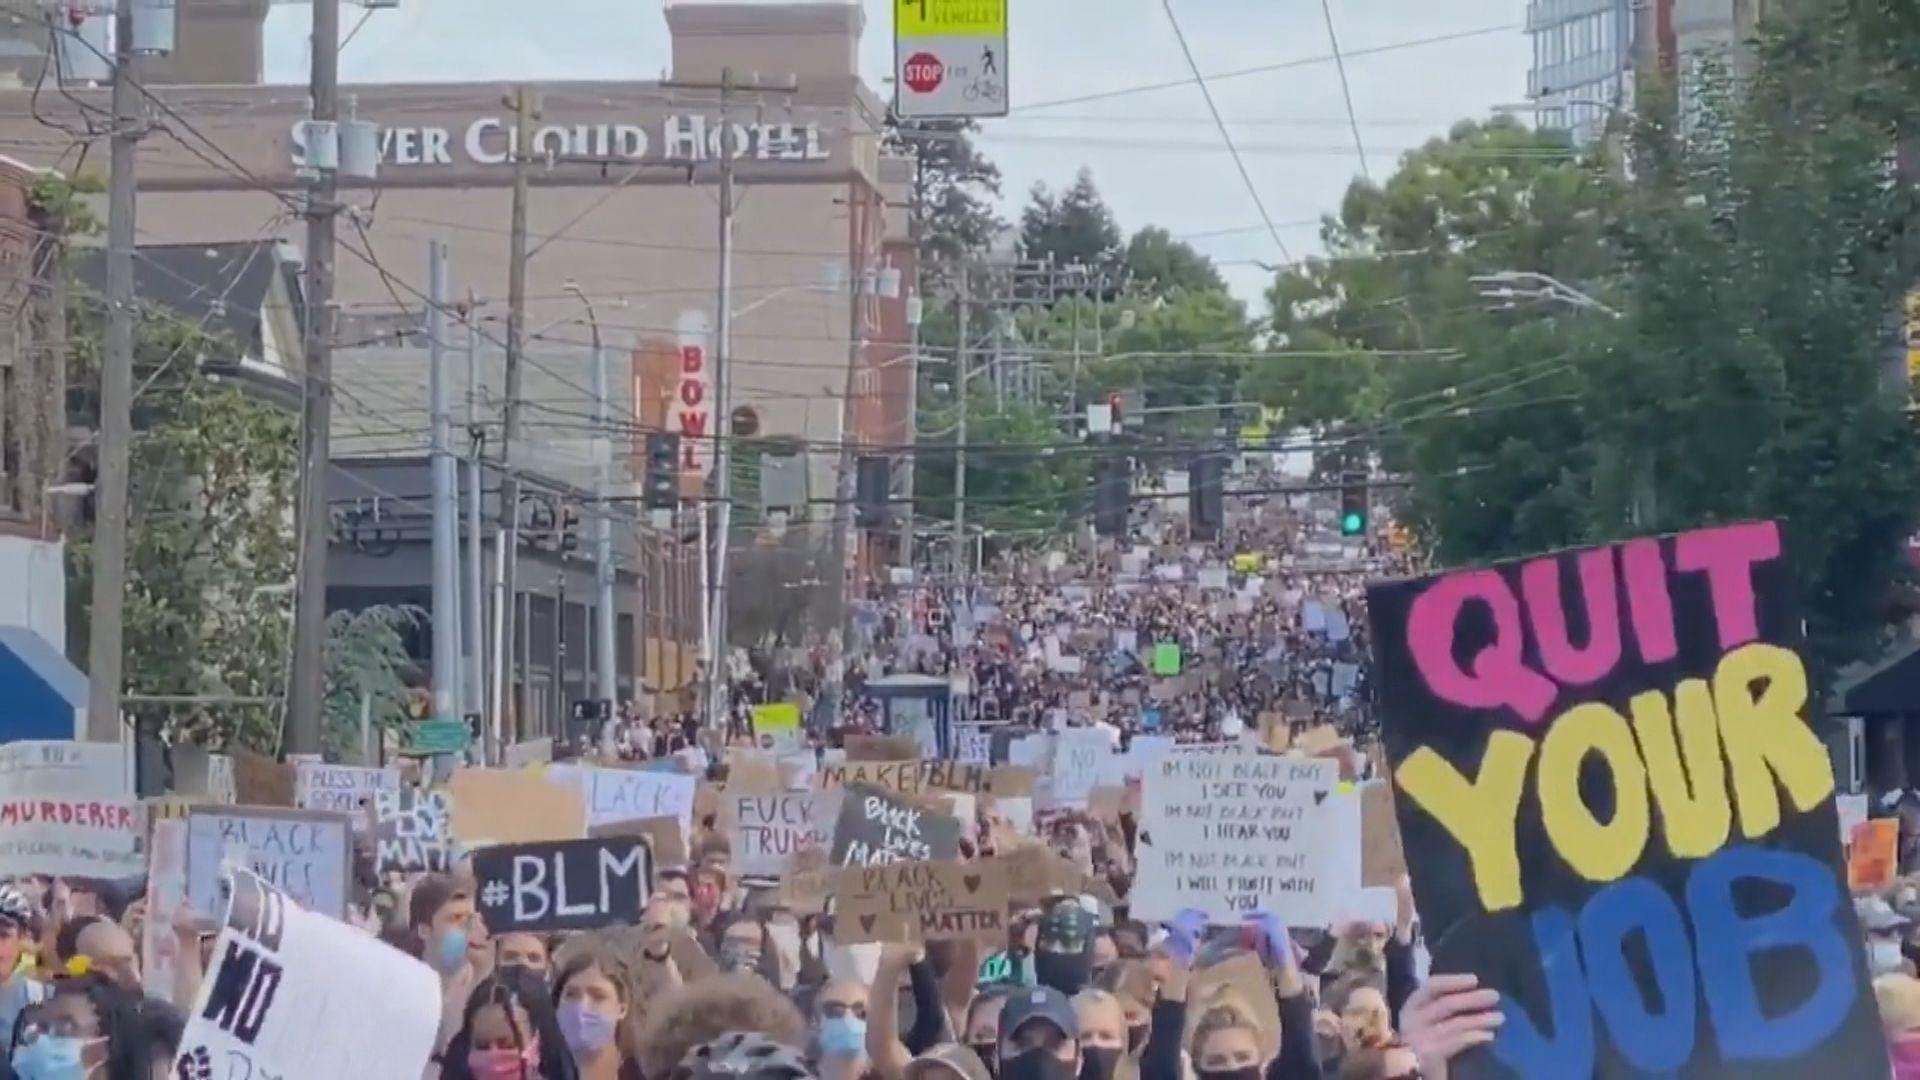 報道指全美過萬人示威被捕